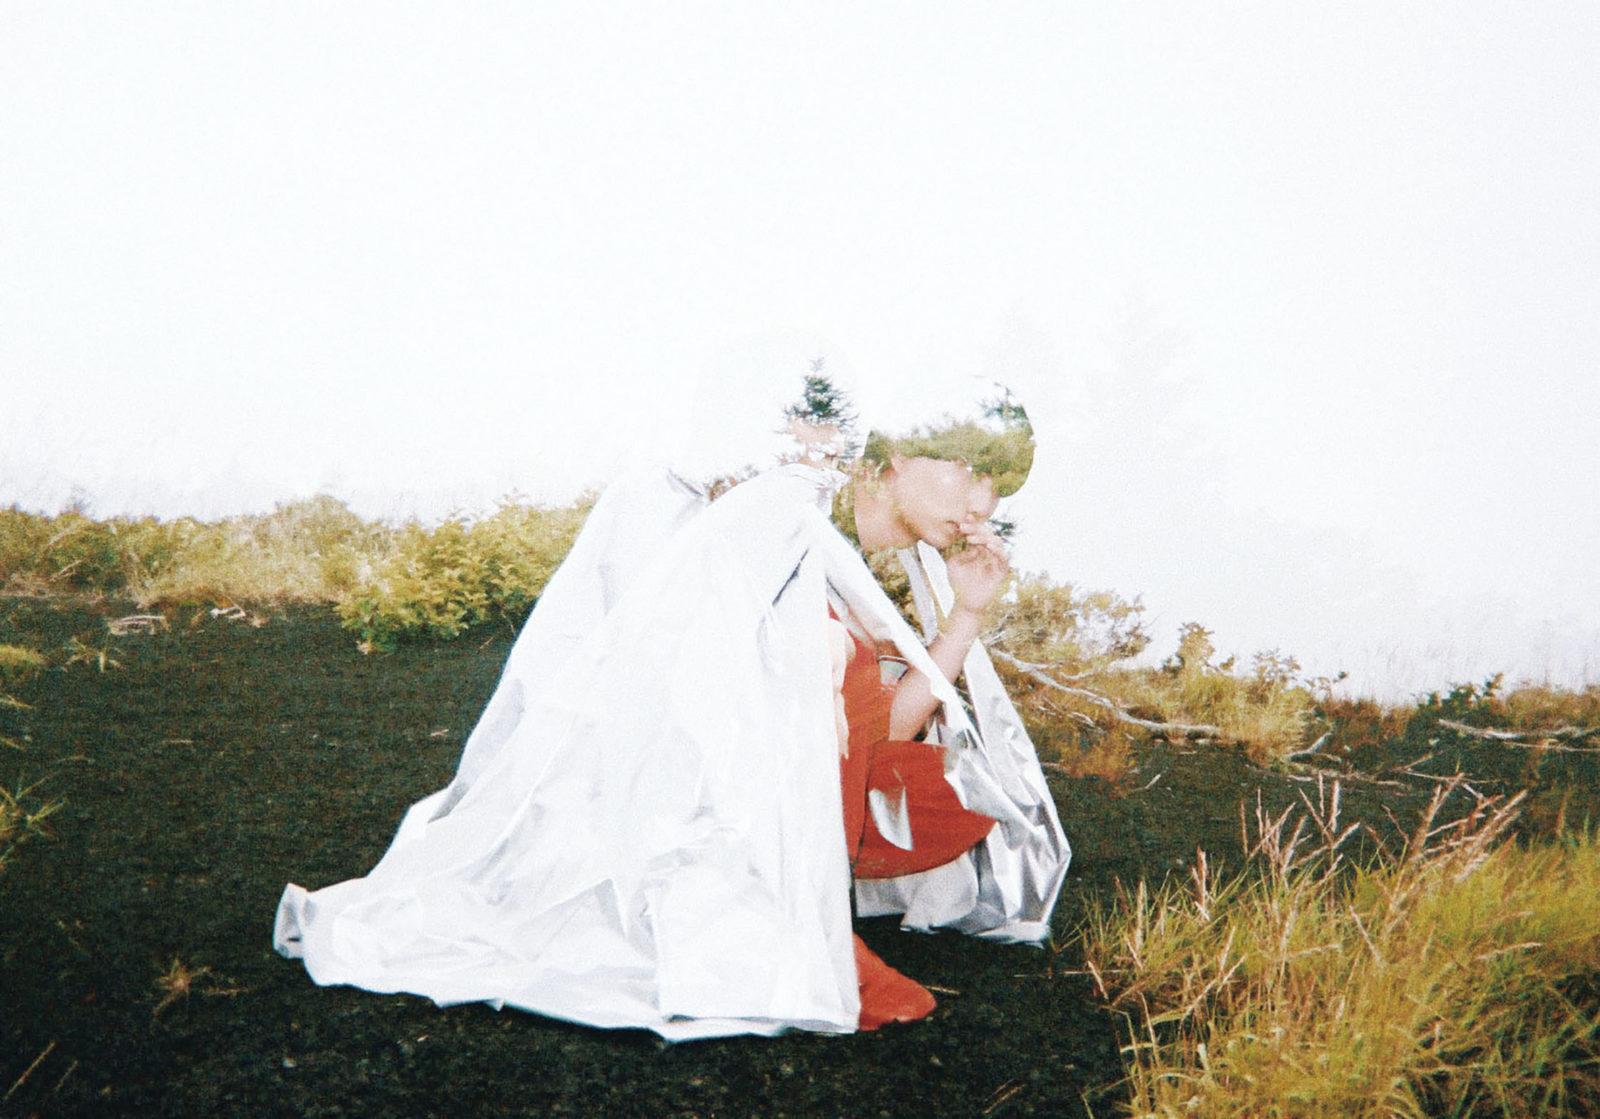 Mega Shinnosuke、2nd EP「東京熱帯雨林気候」リリース決定サムネイル画像